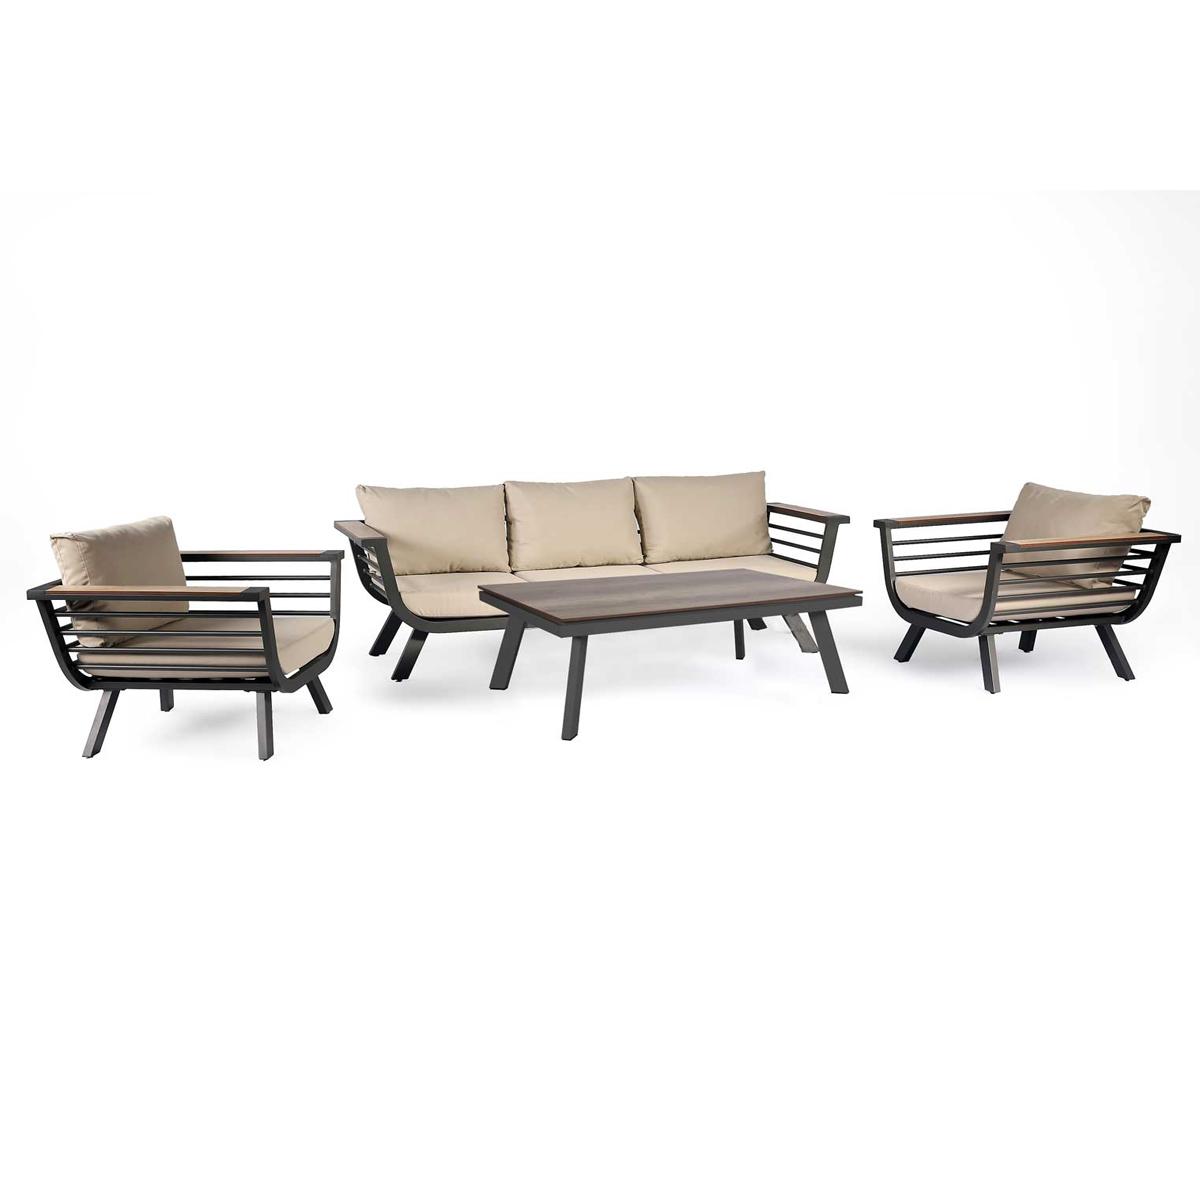 Salon de détente esprit tropical - Anthracite - 205 x 75 x h 62.5 cm